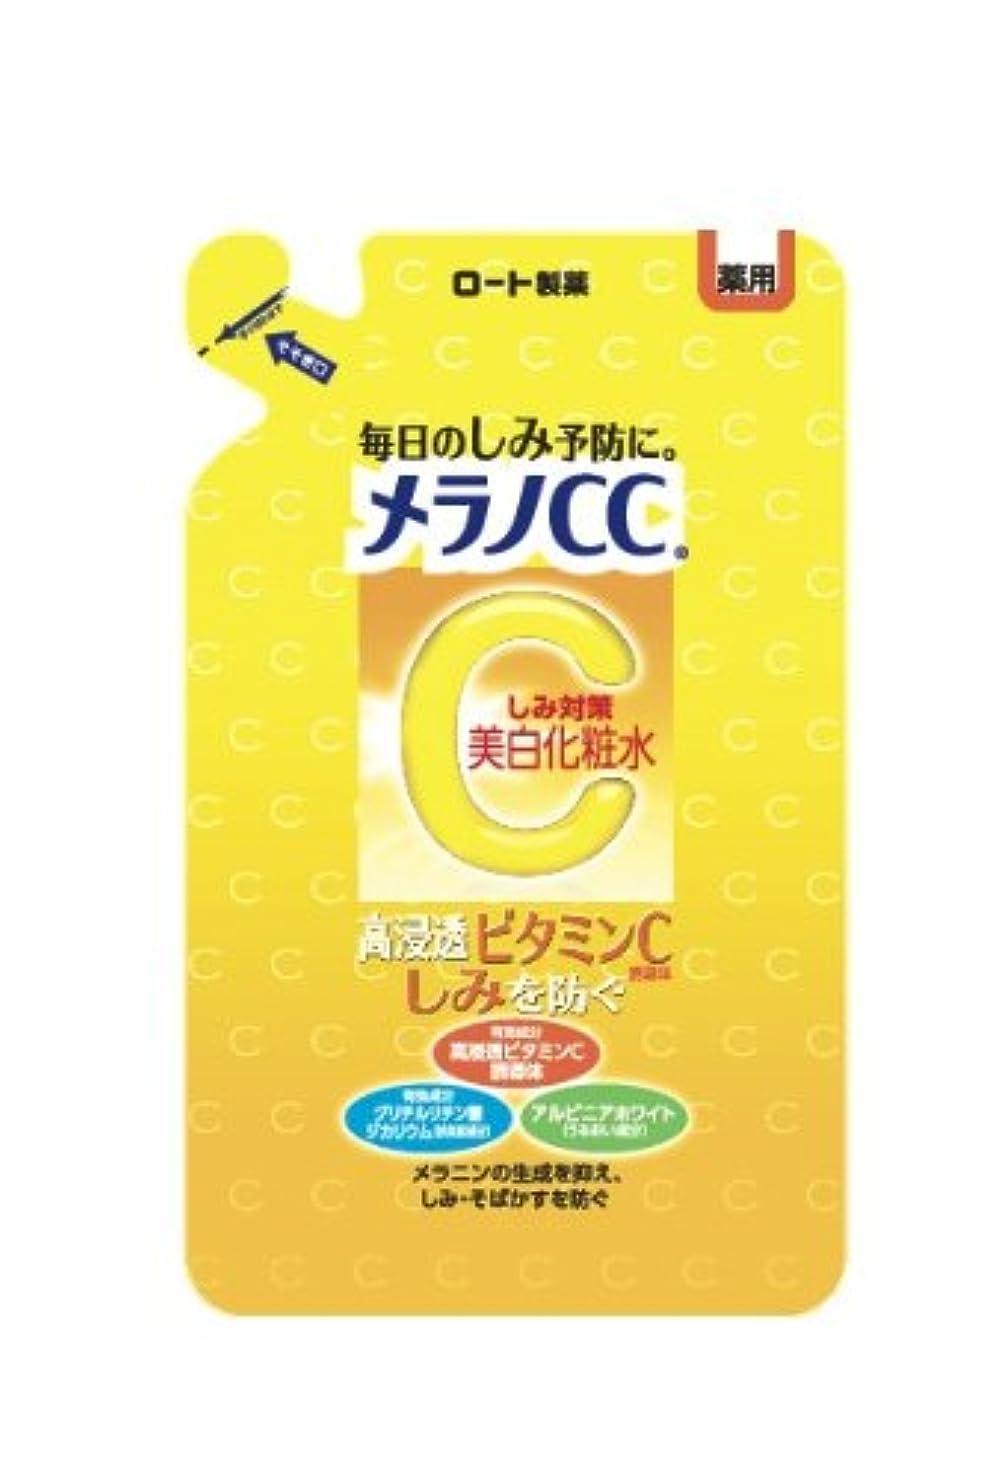 警戒百万近く【医薬部外品】メラノCC 薬用しみ?そばかす対策 美白化粧水 詰替用 170mL